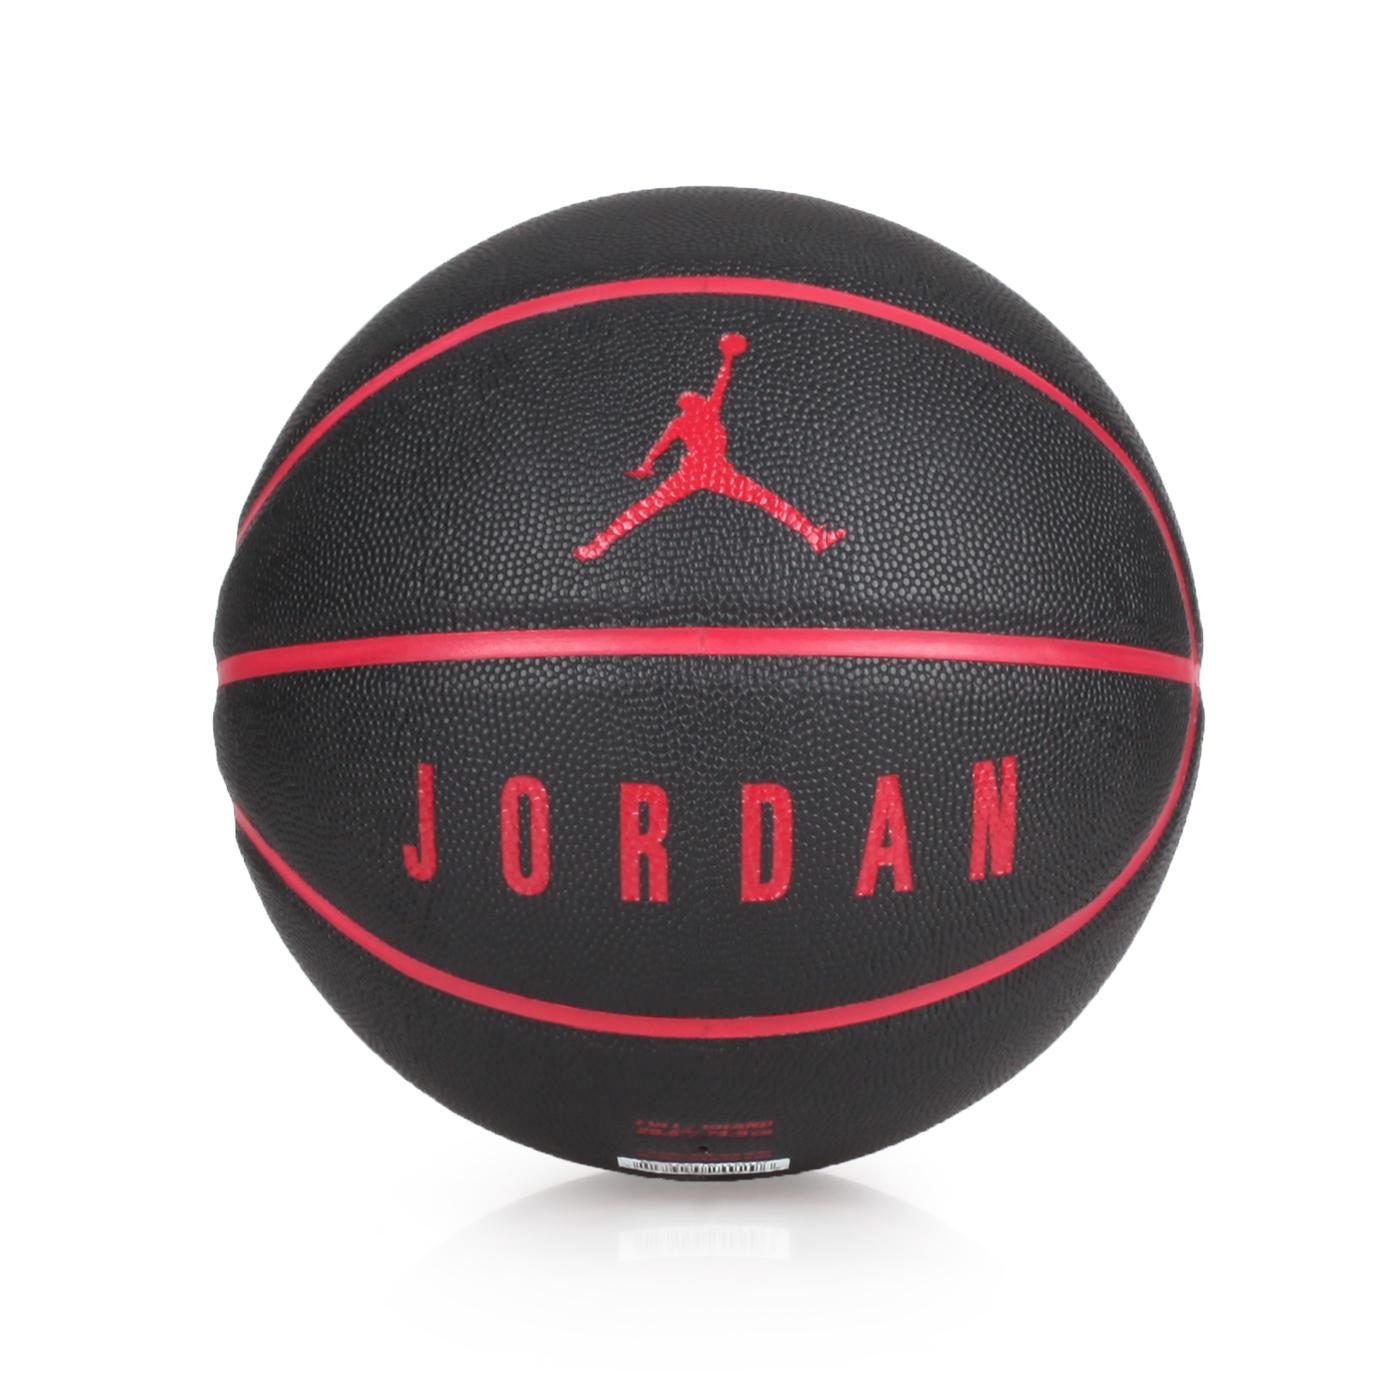 NIKE JORDAN ULTIMATE 8P 7號籃球 JKI1205307